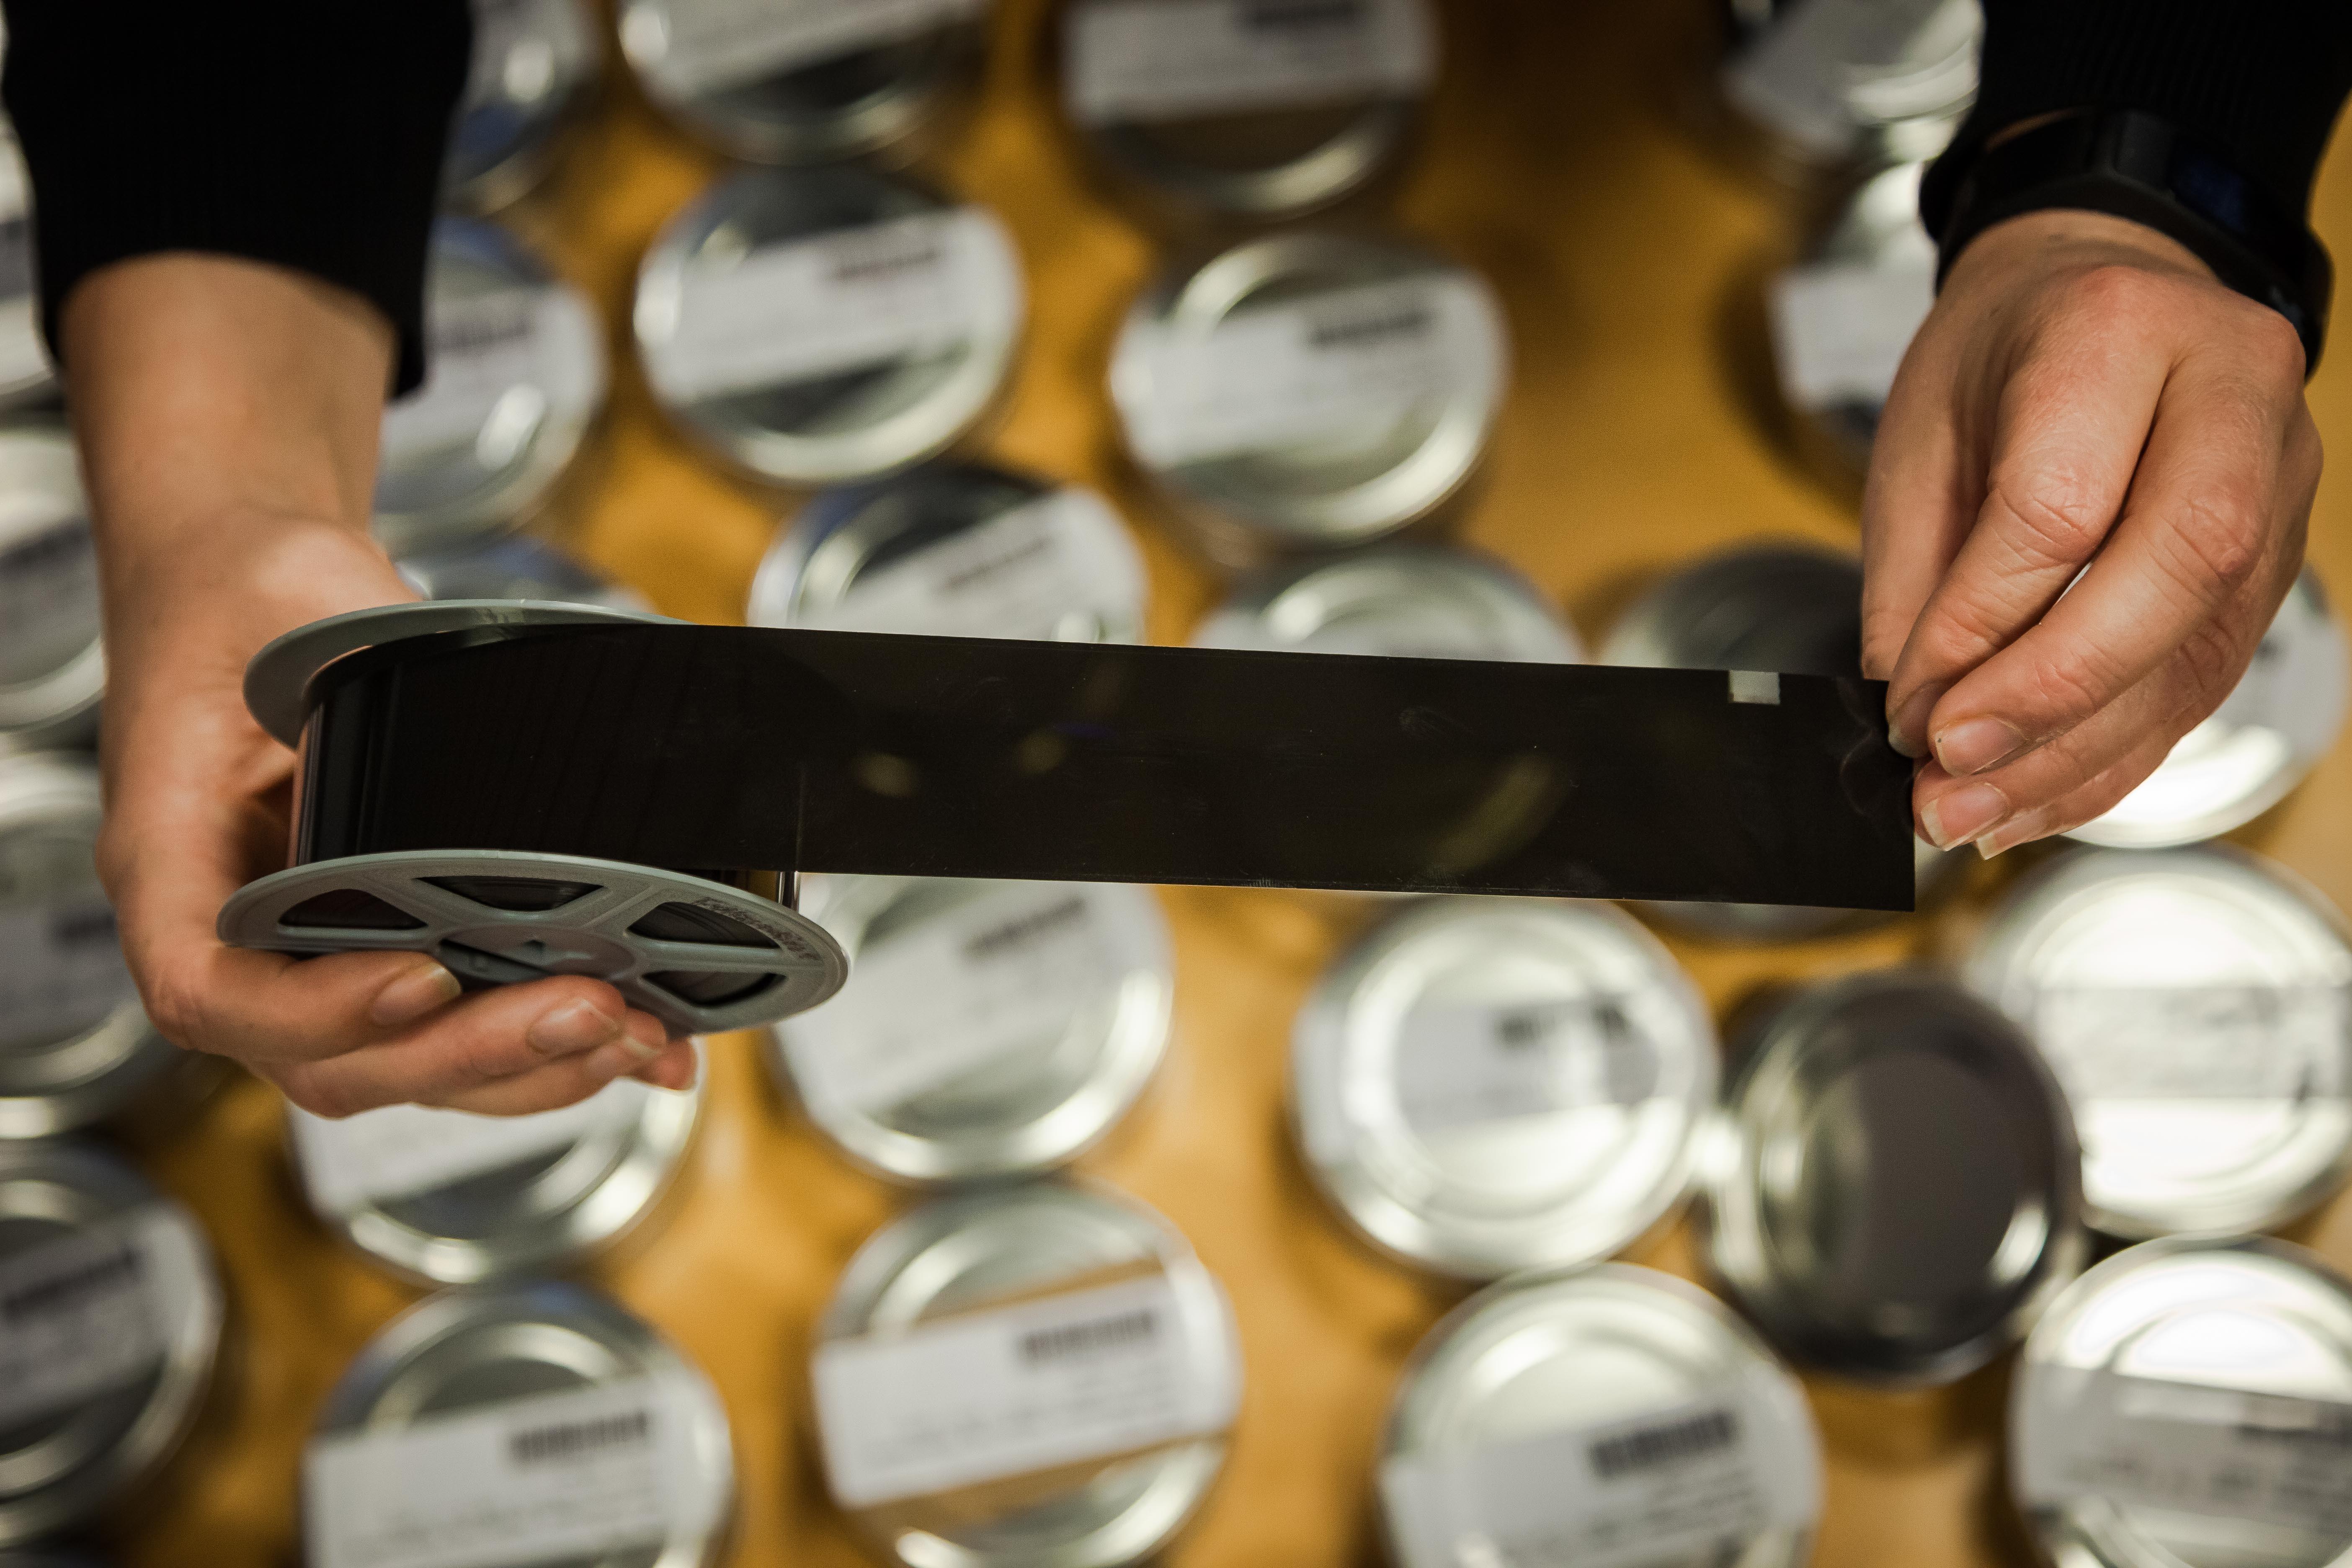 To hender held opp ein rull med mikrofilm som er rulla ut. Runde blikkboksar under henda.